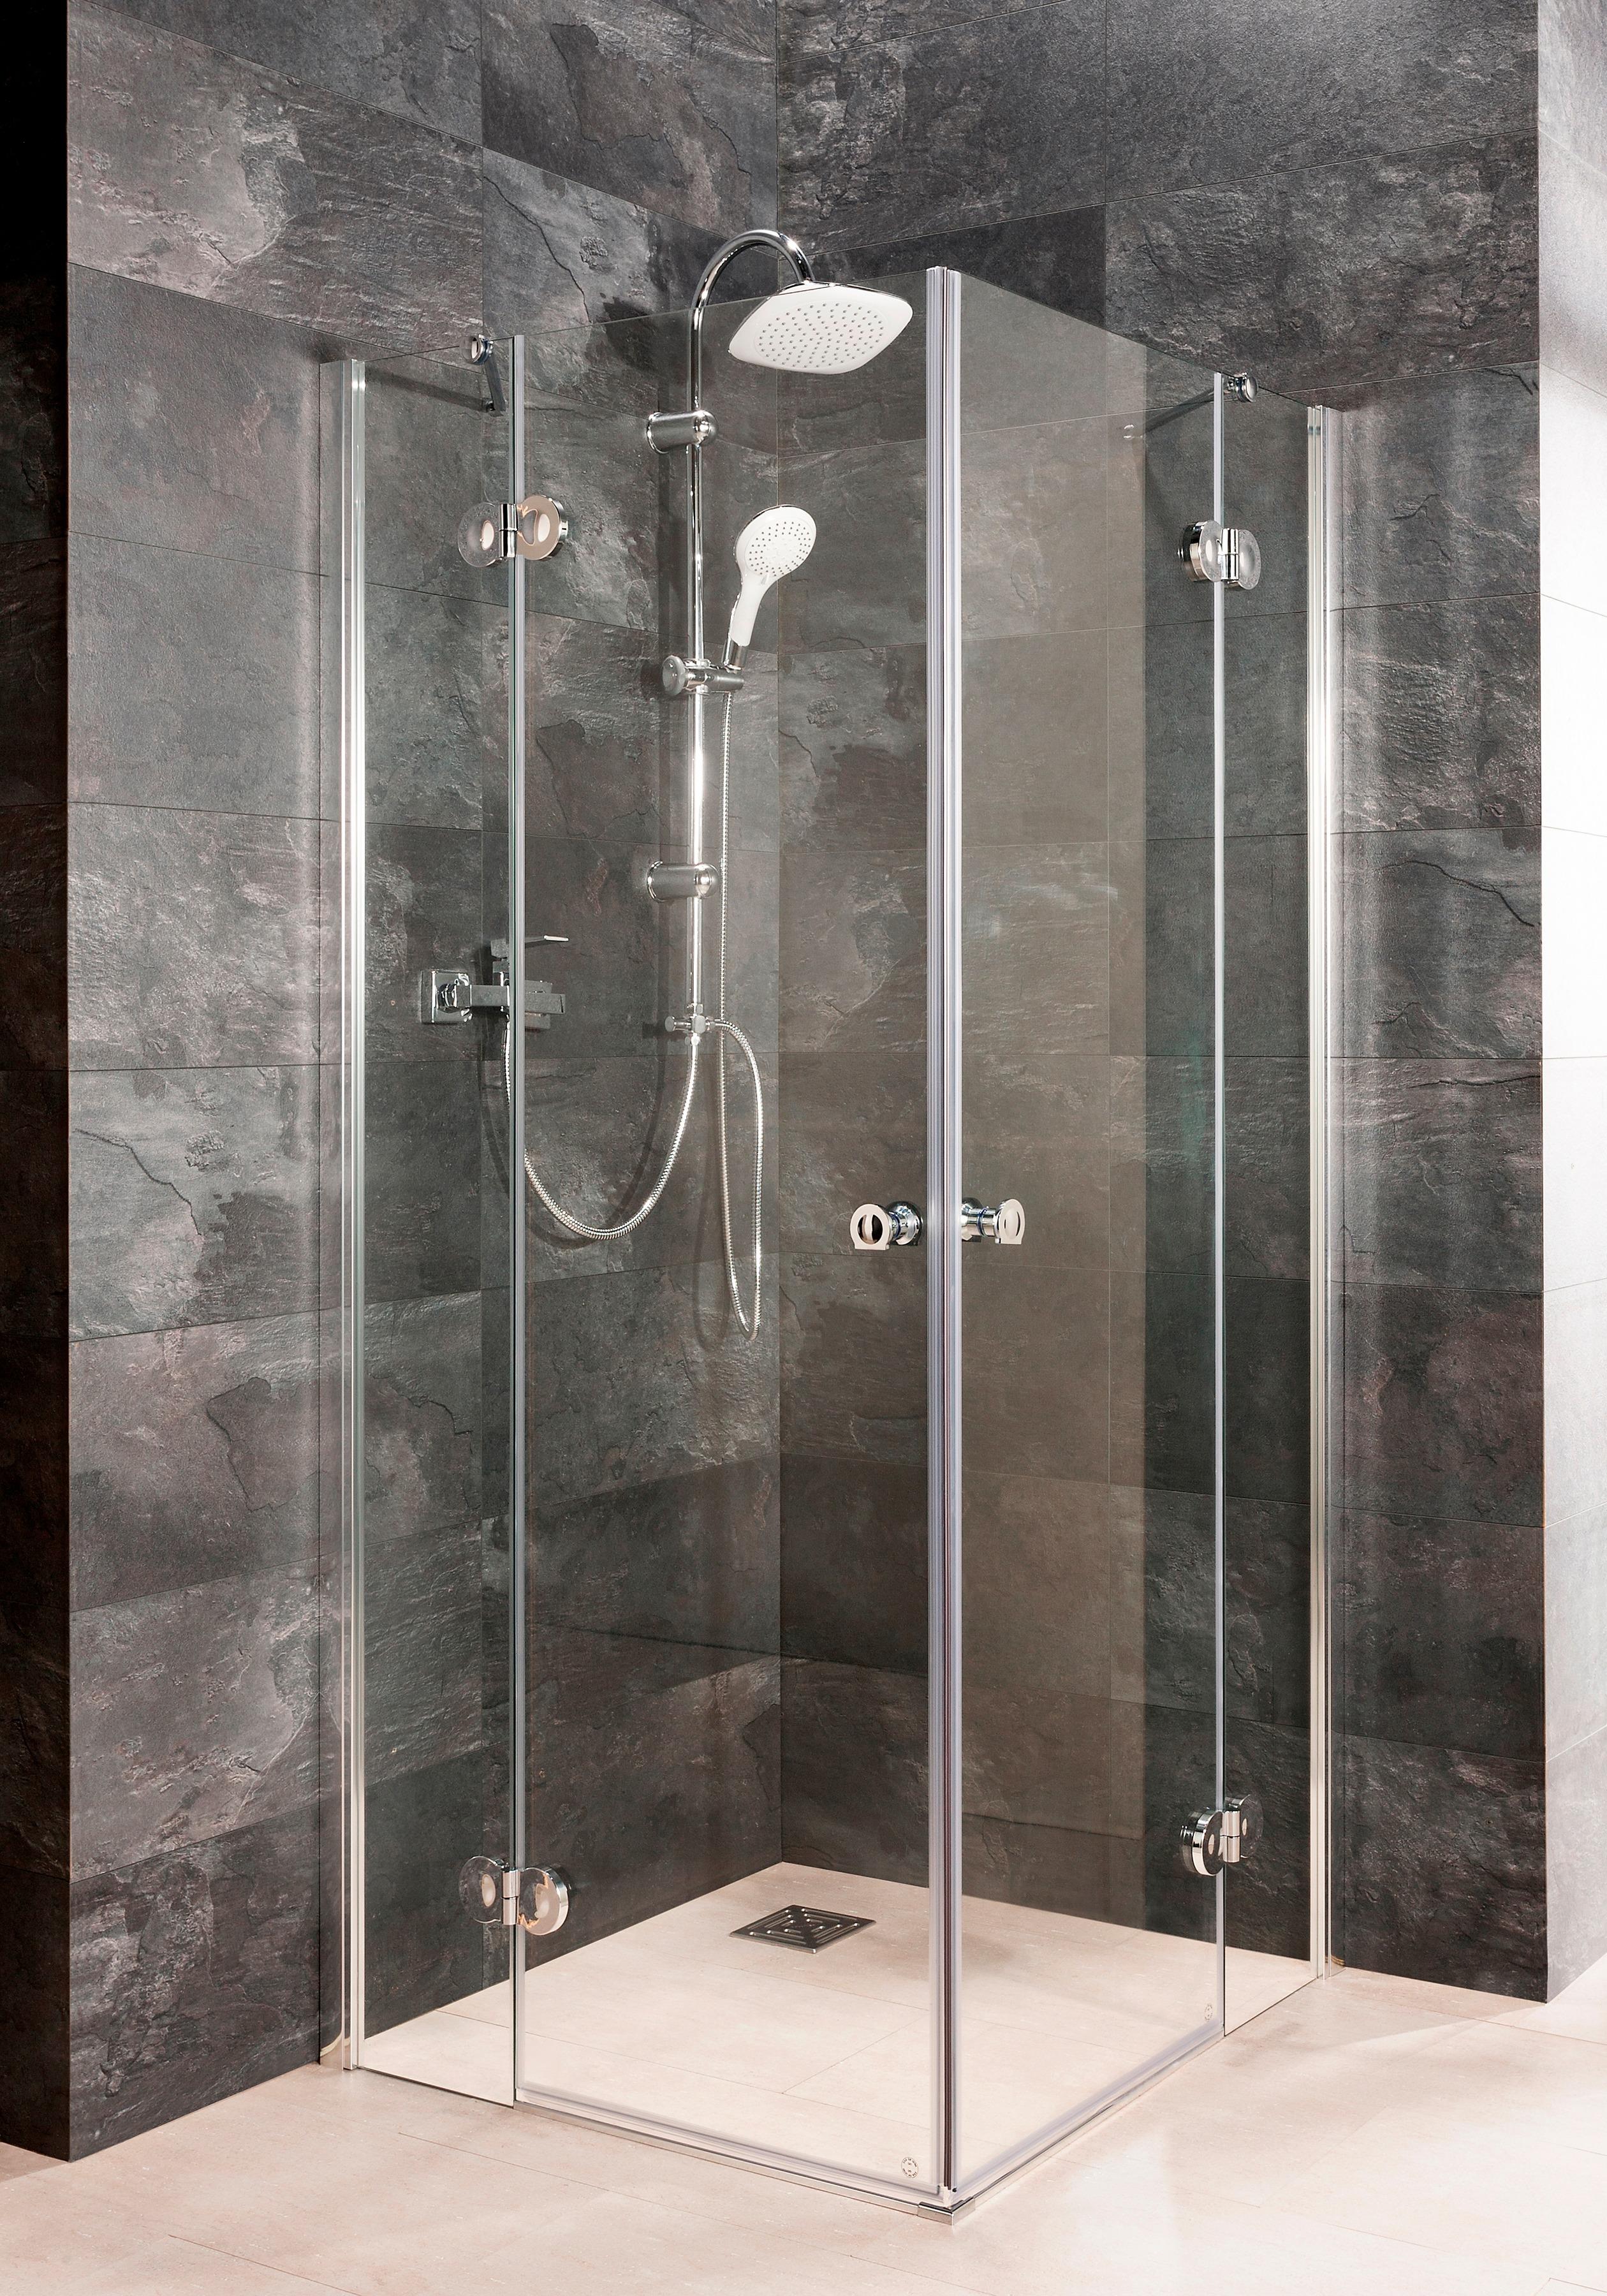 maw Eckdusche Relax Special, mit Drehtür silberfarben Duschkabinen Duschen Bad Sanitär